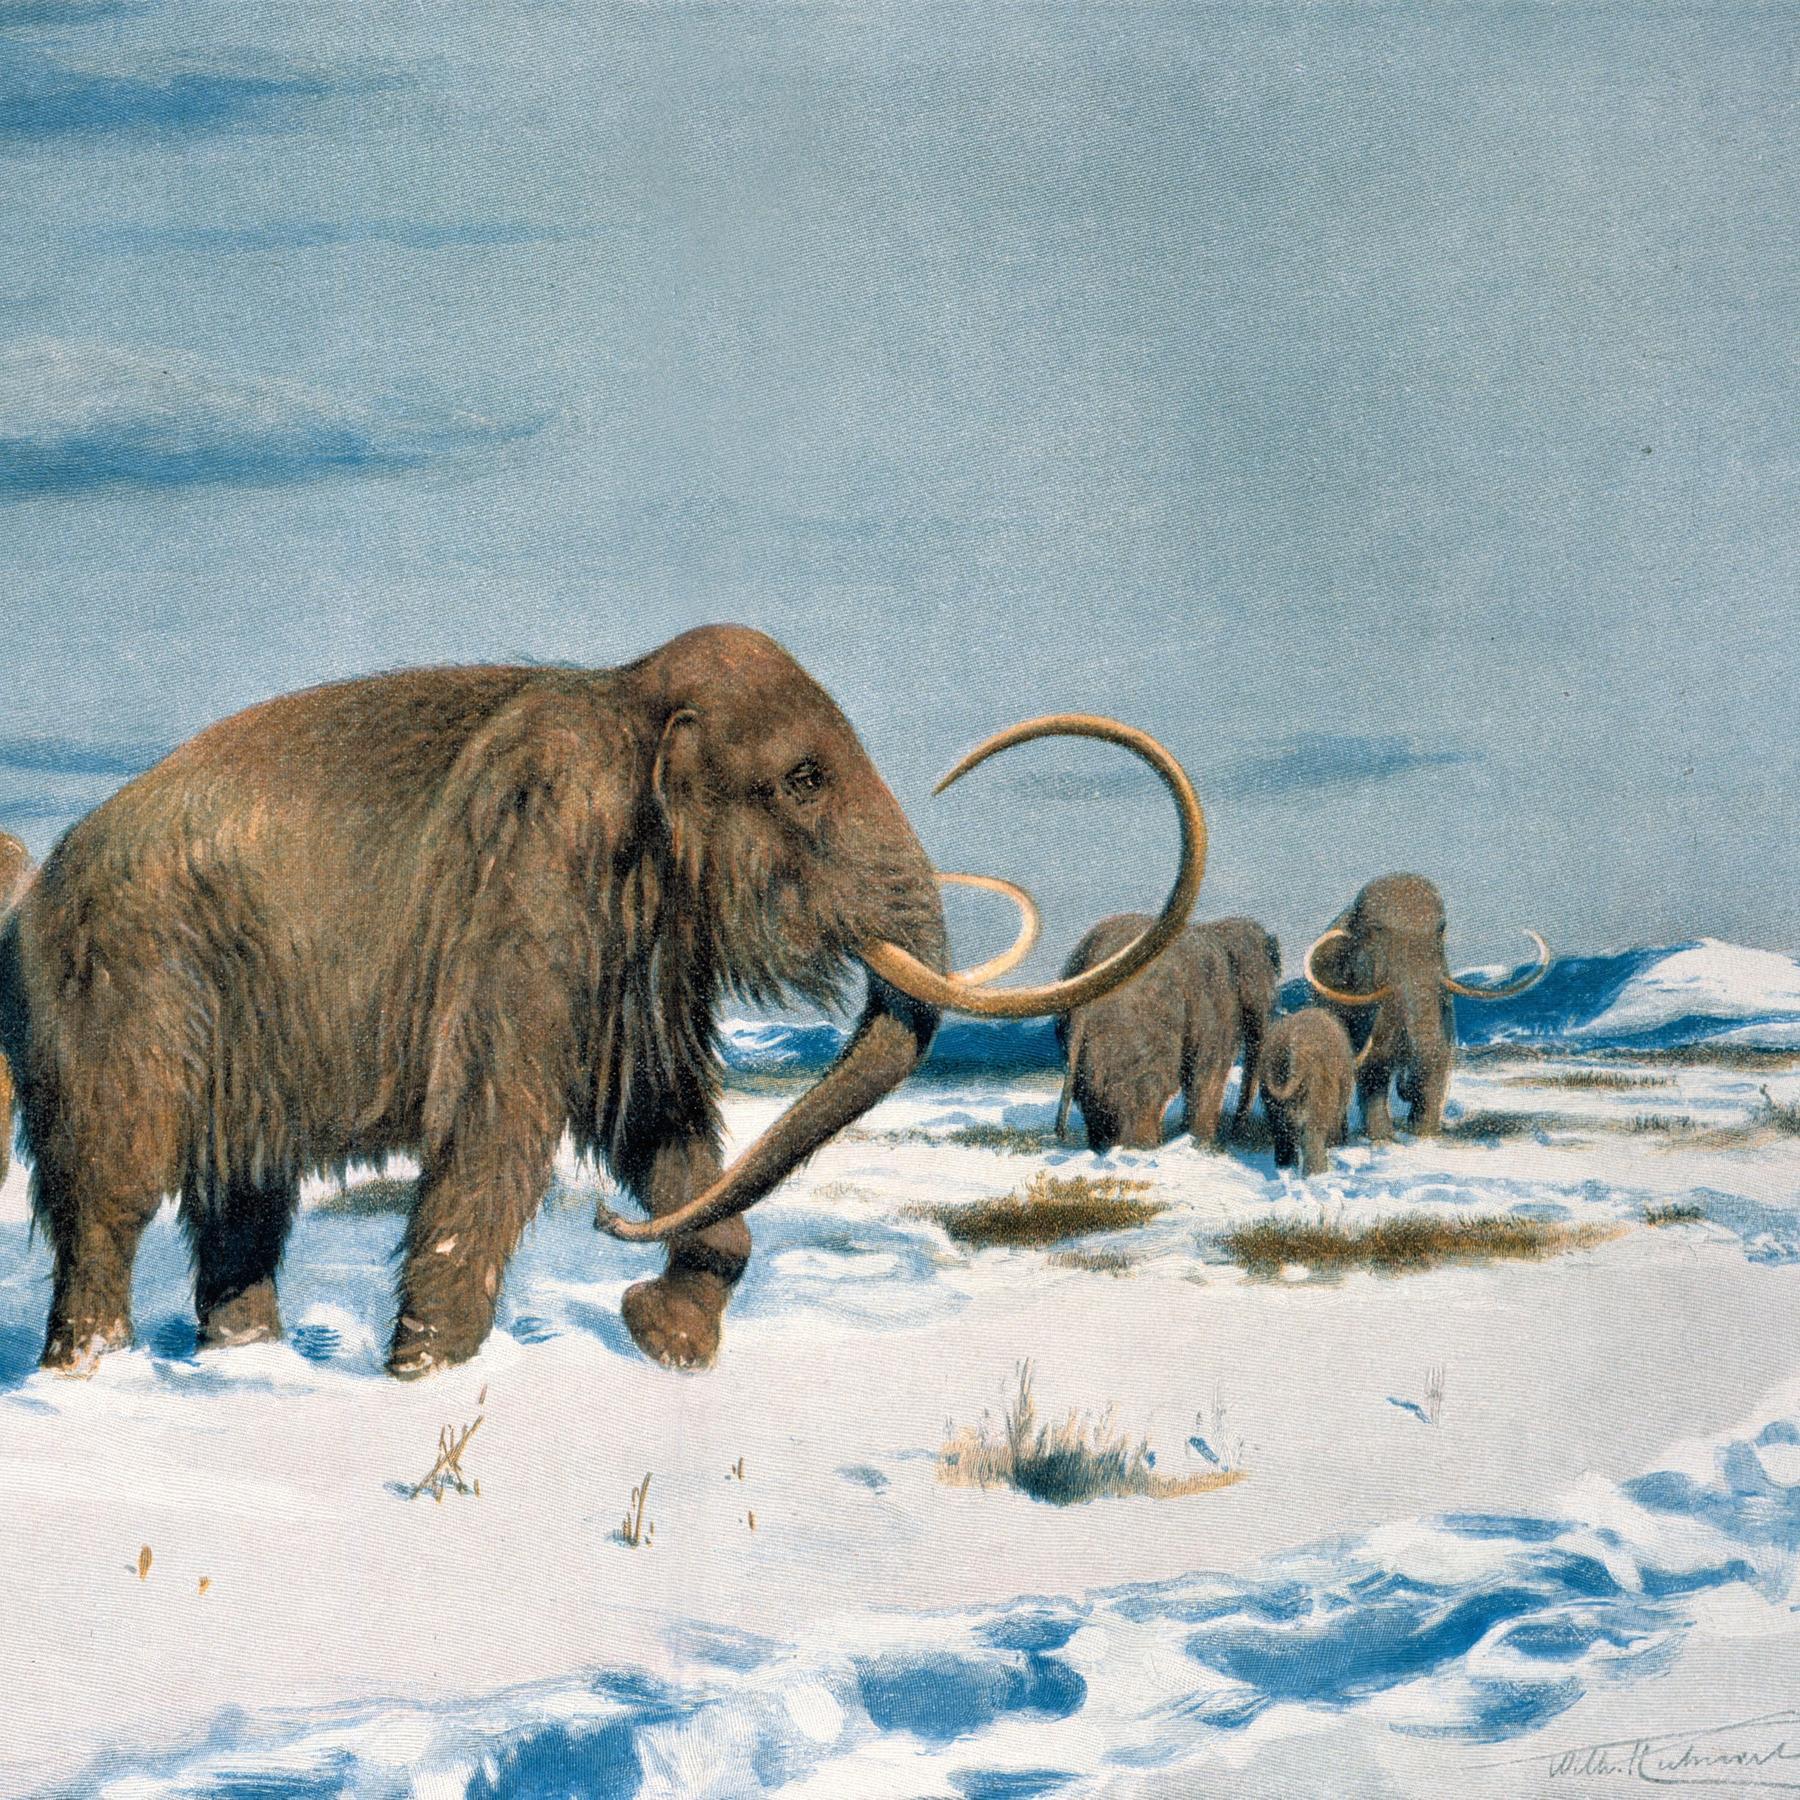 Mammut & Co - Die Megafauna der letzten Eiszeit